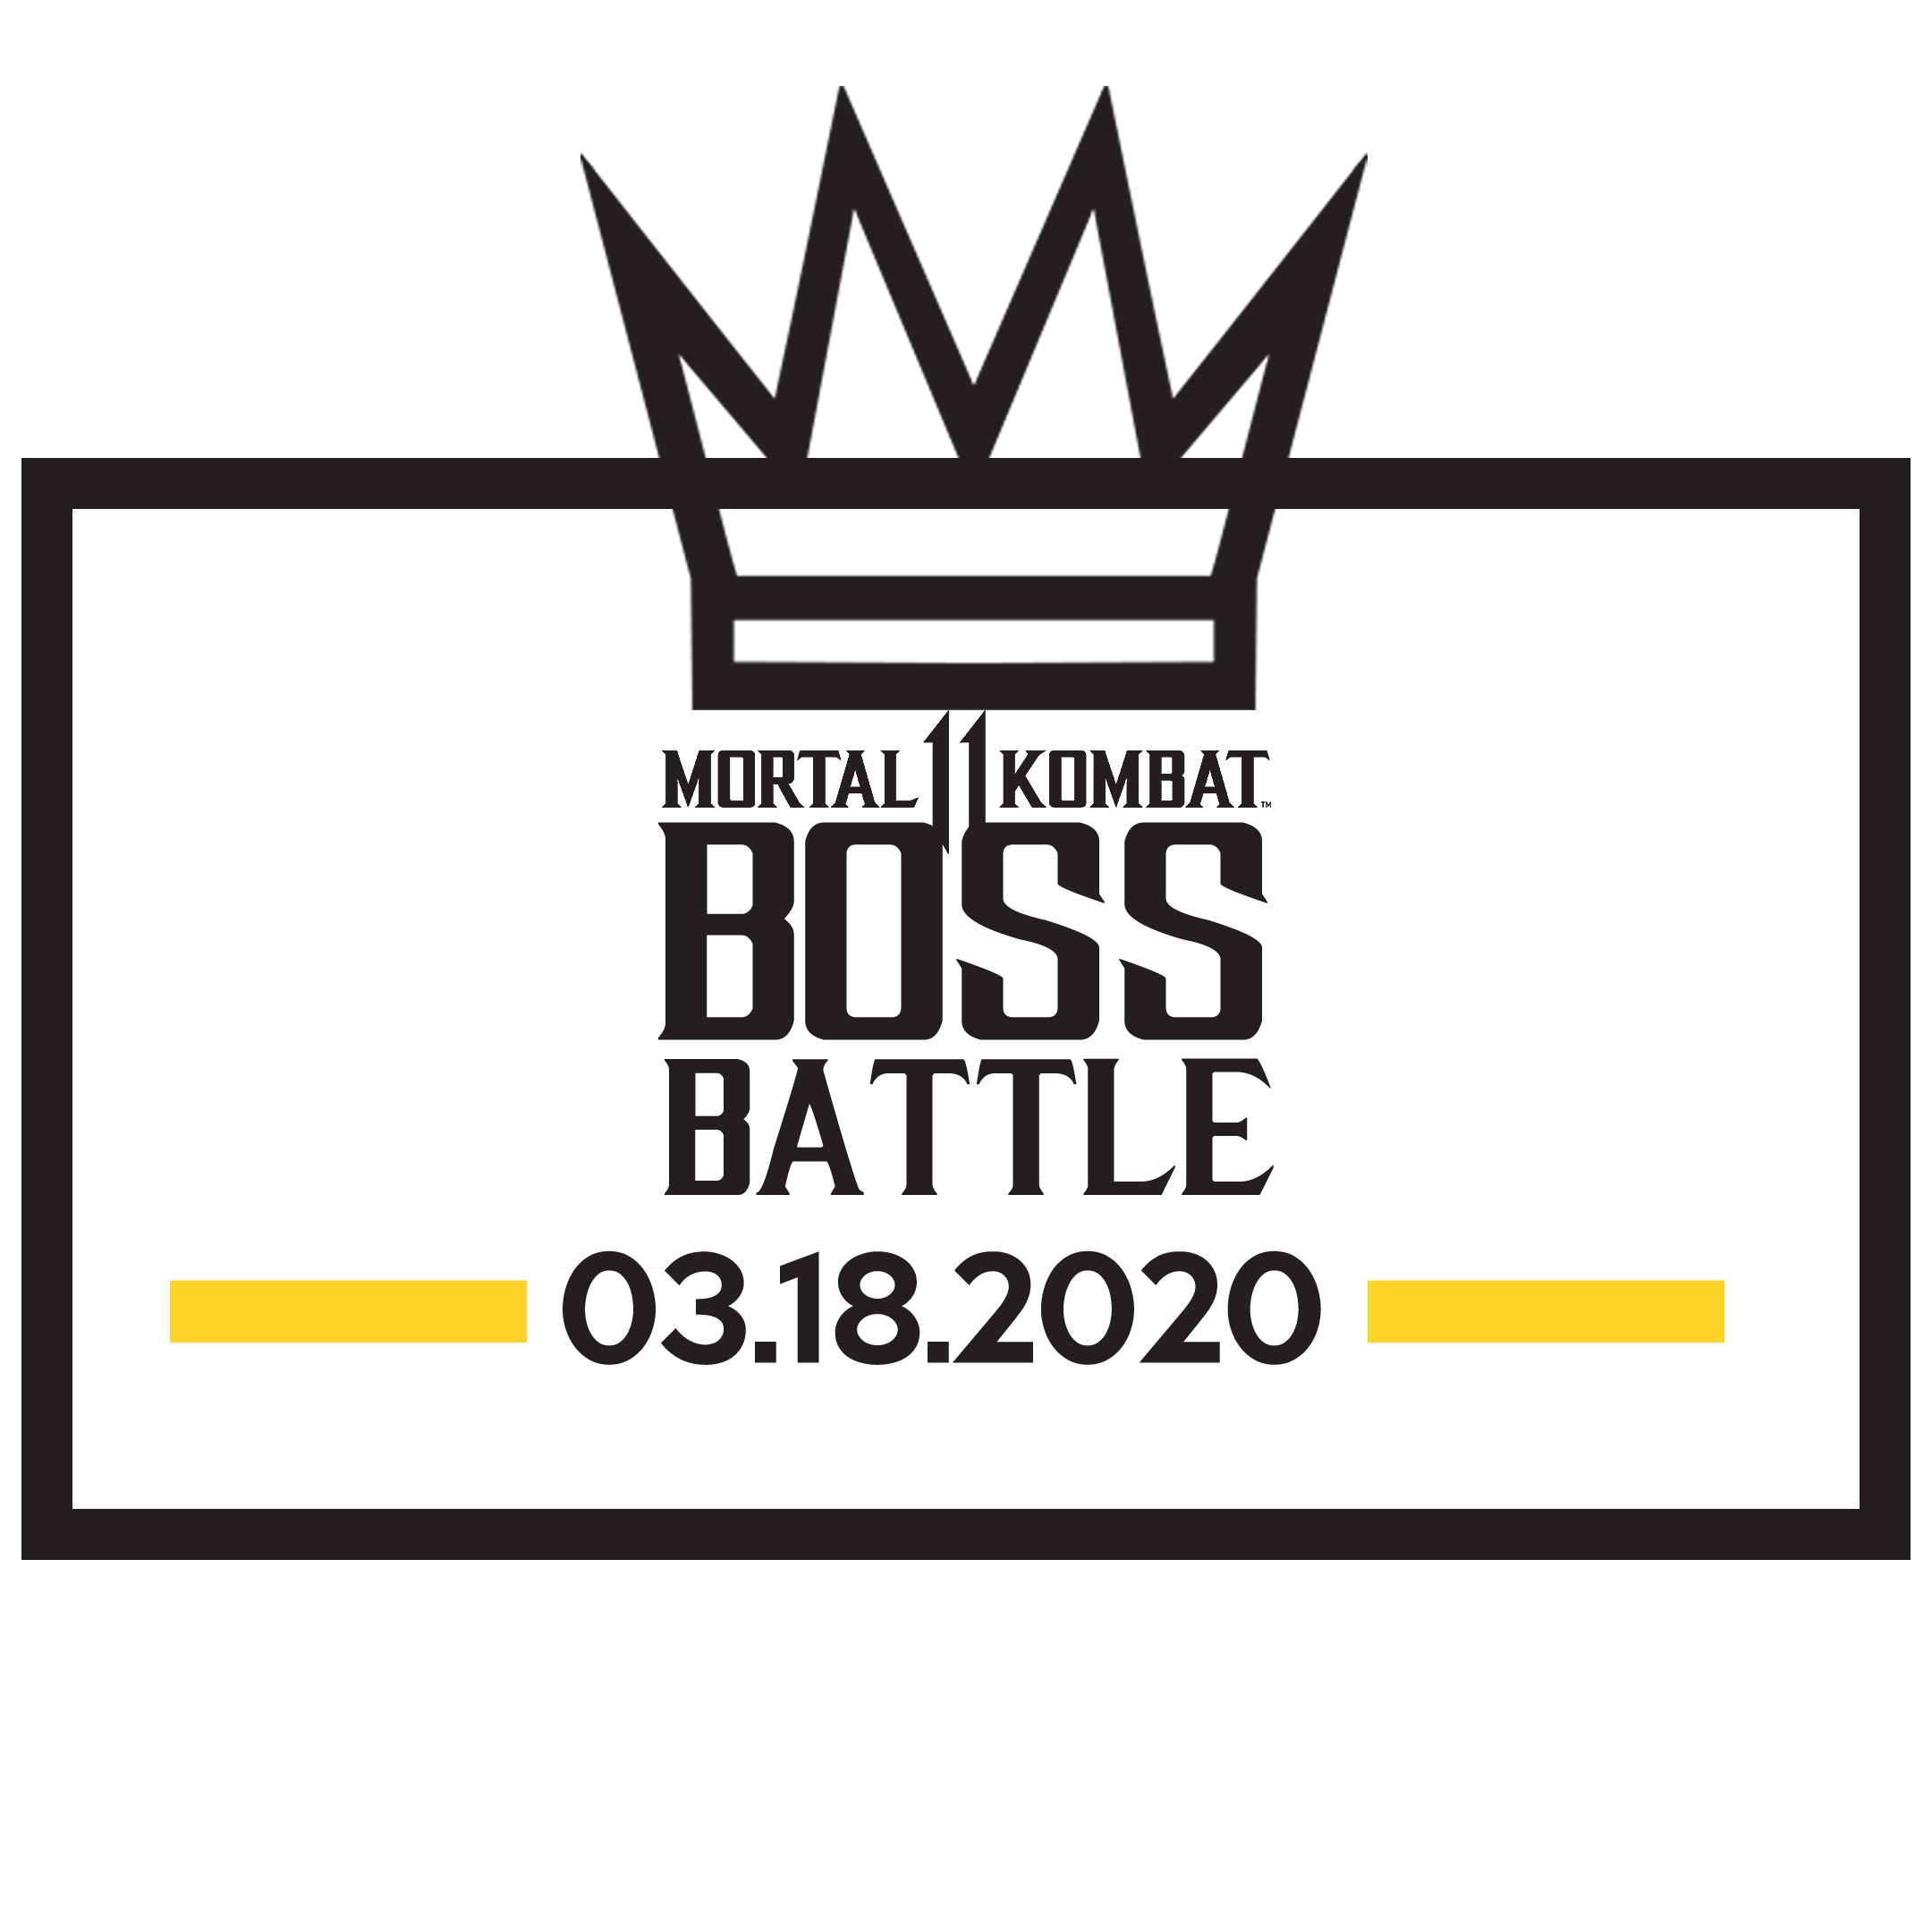 2020 MK11 BOSS Battle